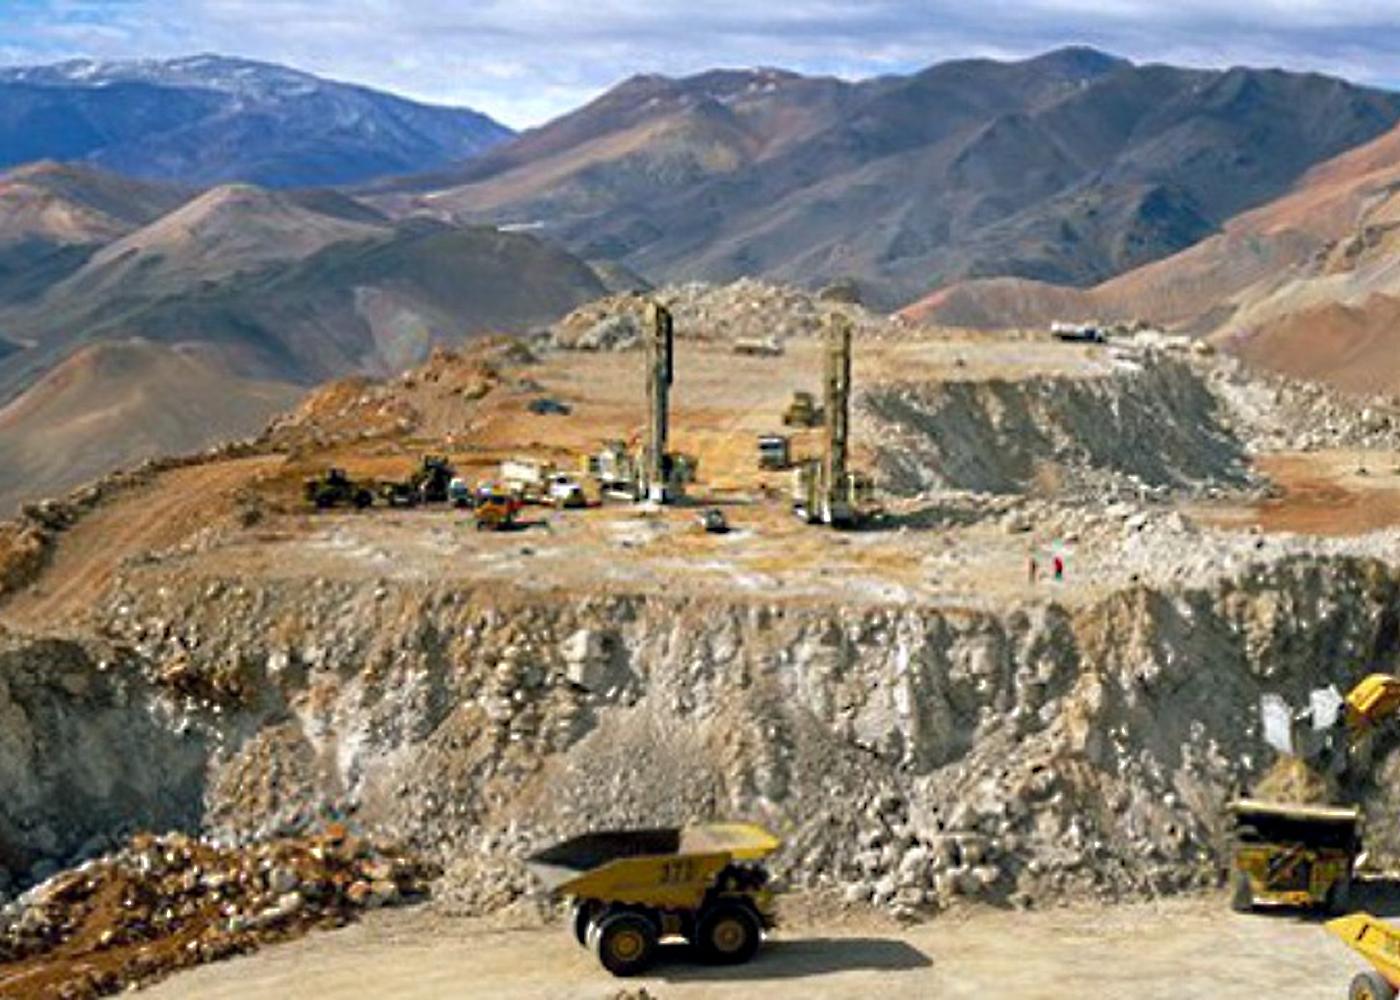 Proyectos de inversión, conflictividad socio-territorial y estrategias de los actores en la evaluación ambiental en Chile 2012 – 2019